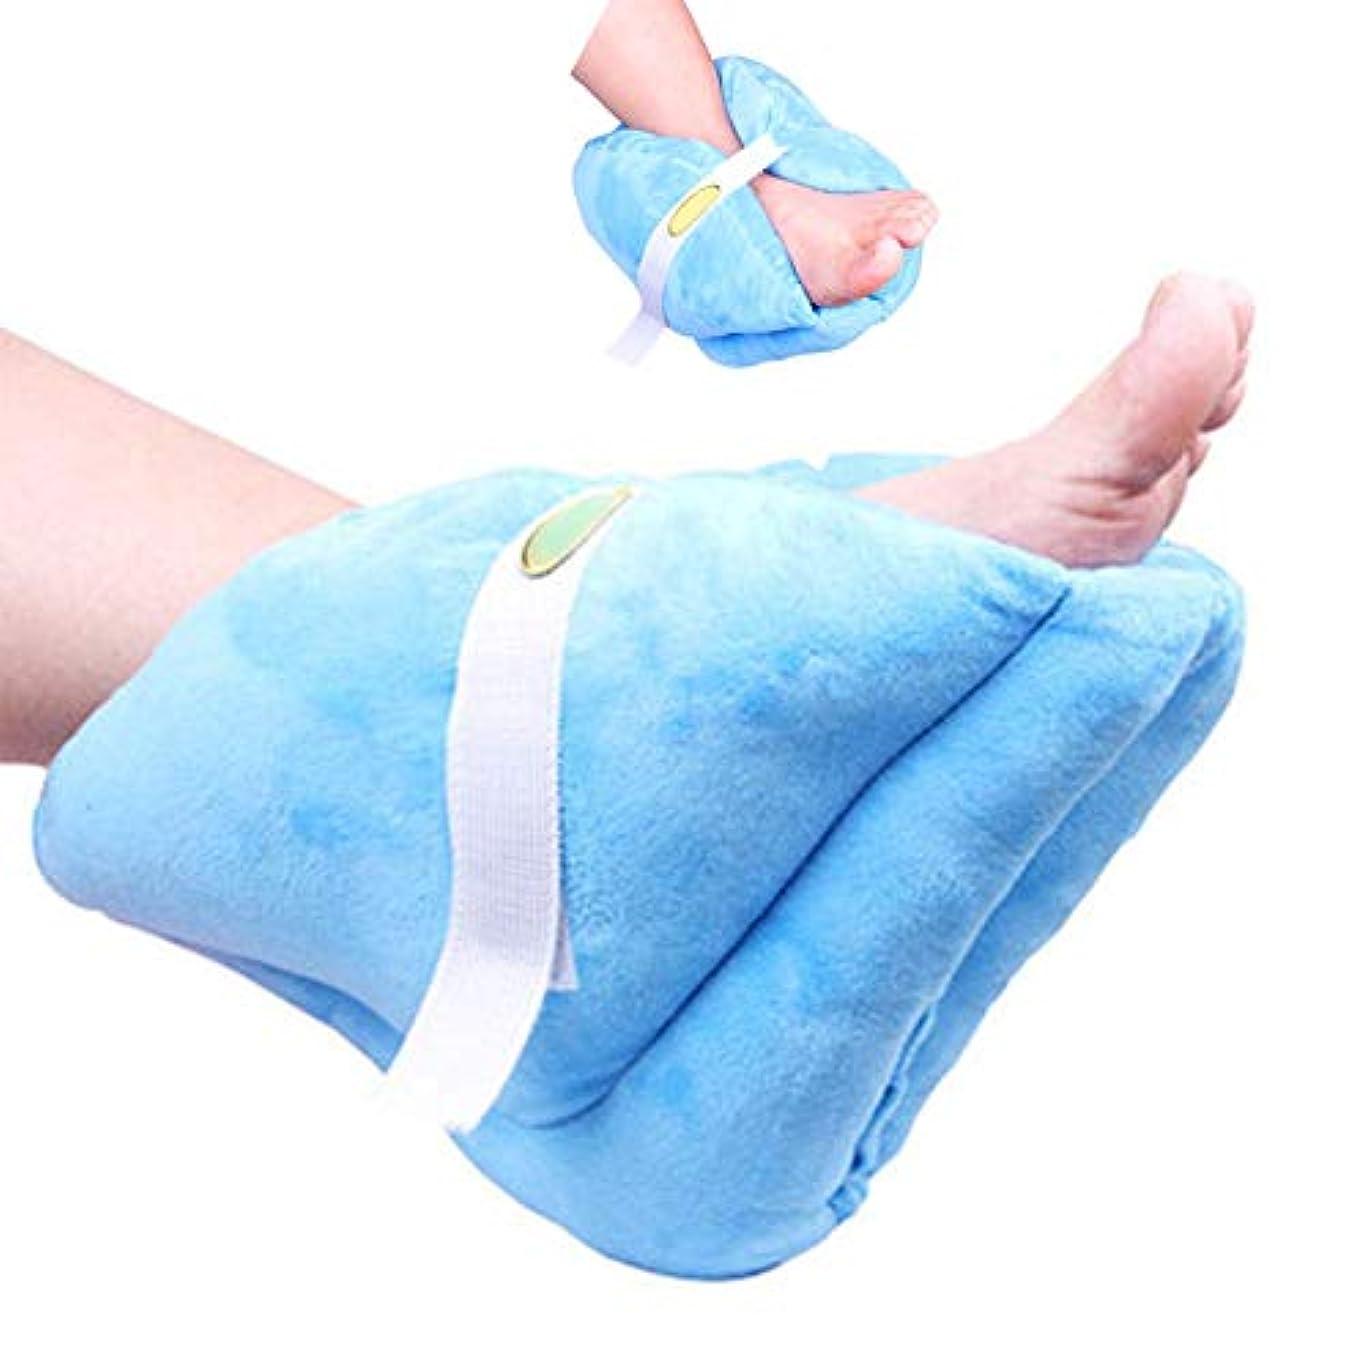 一部お手伝いさんエレクトロニックヒールクッションプロテクター、足と足首の枕 、足の圧力を緩和し、褥瘡を保護します